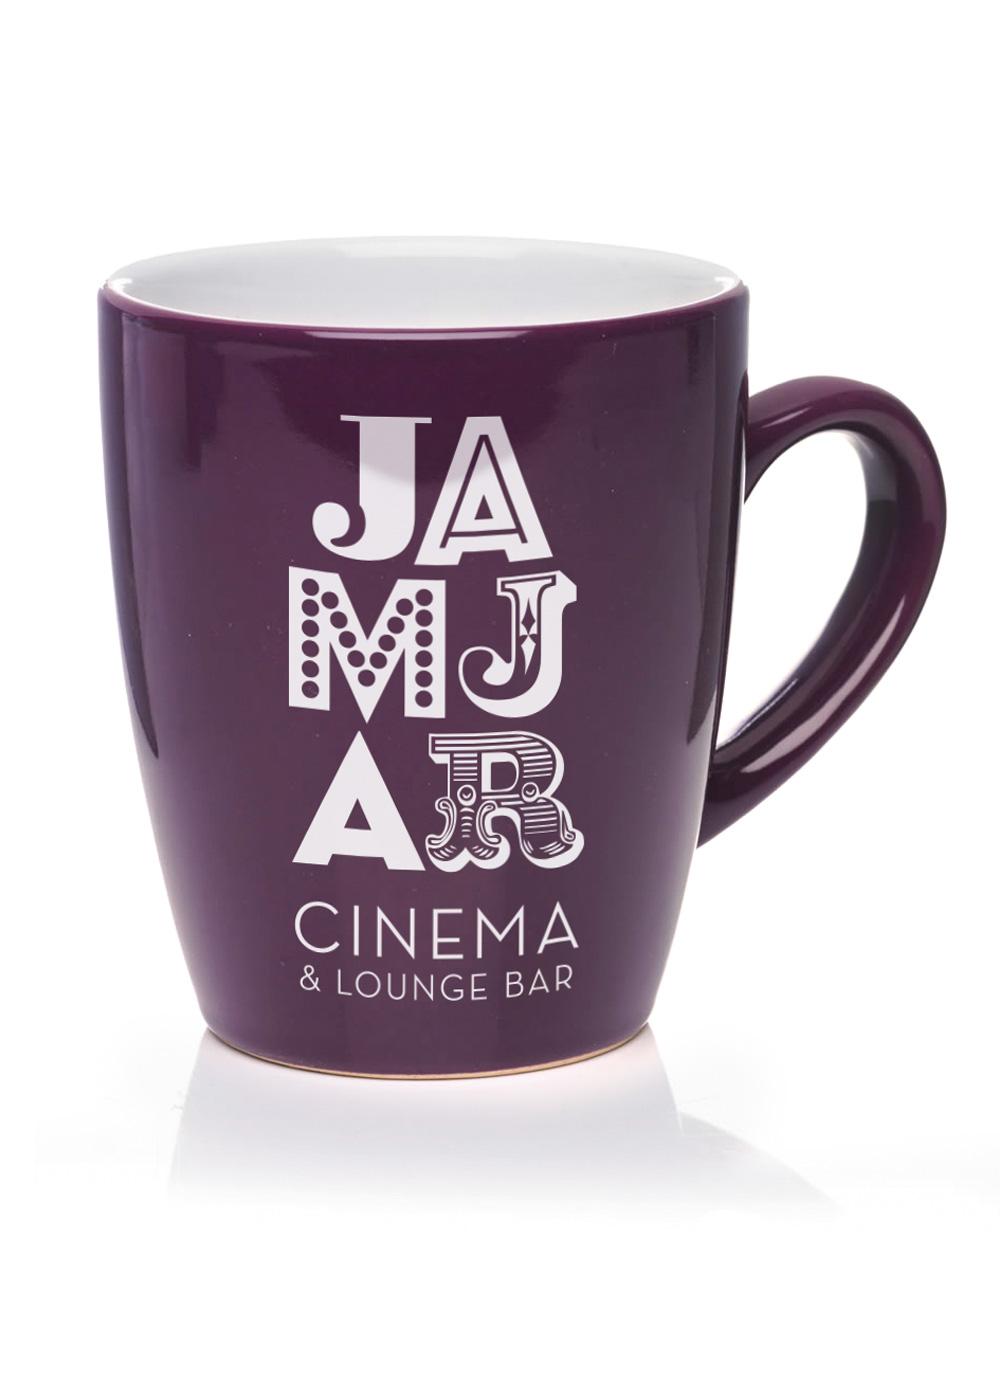 Jam Jar Cinema and Lounge